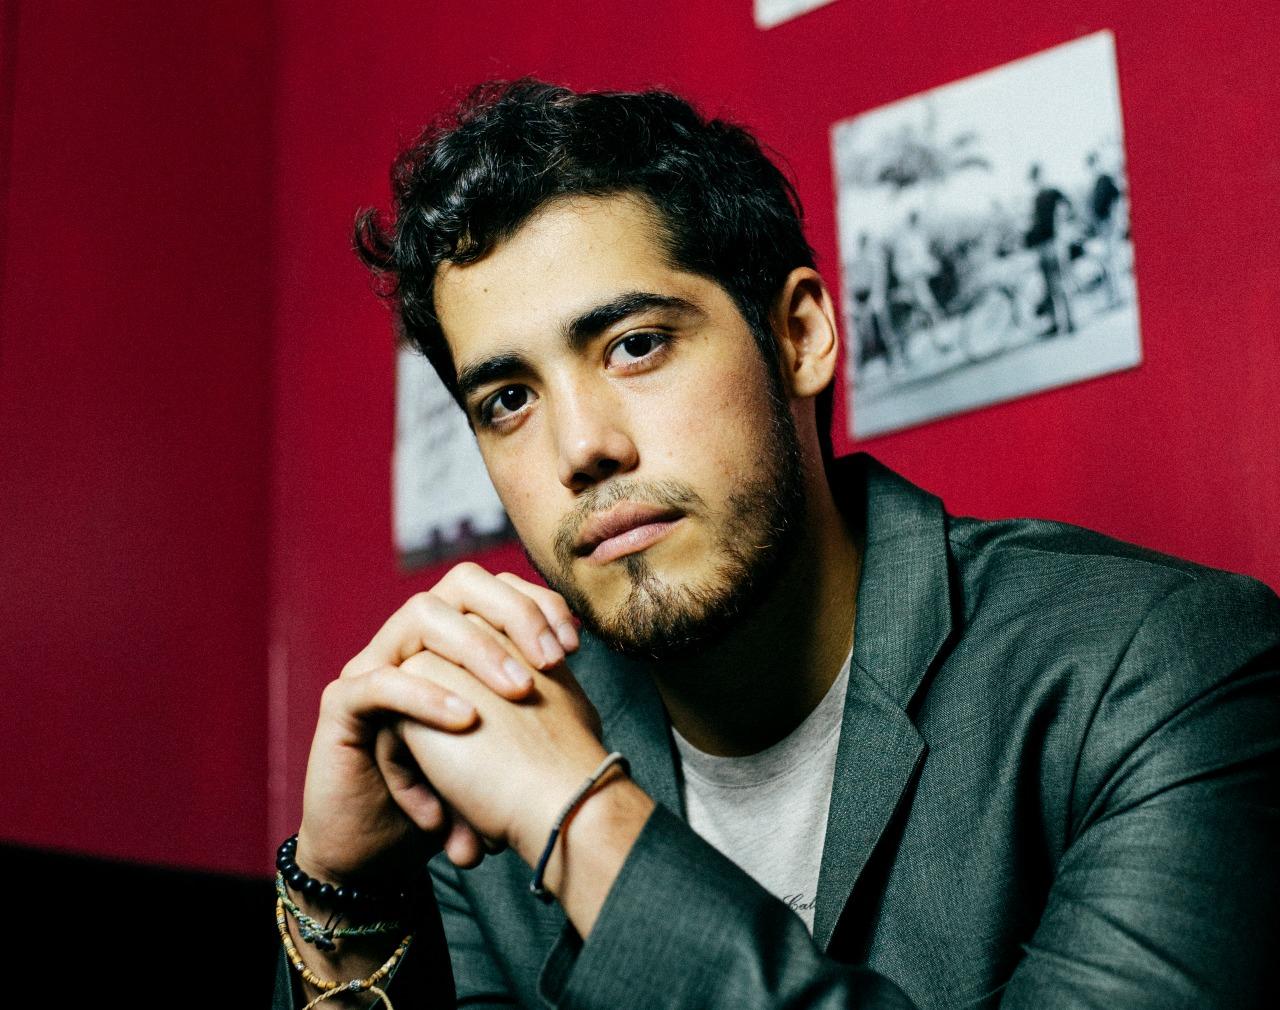 El cantautor guatemalteco Adrián Alburez presenta 'Volverte a ver'